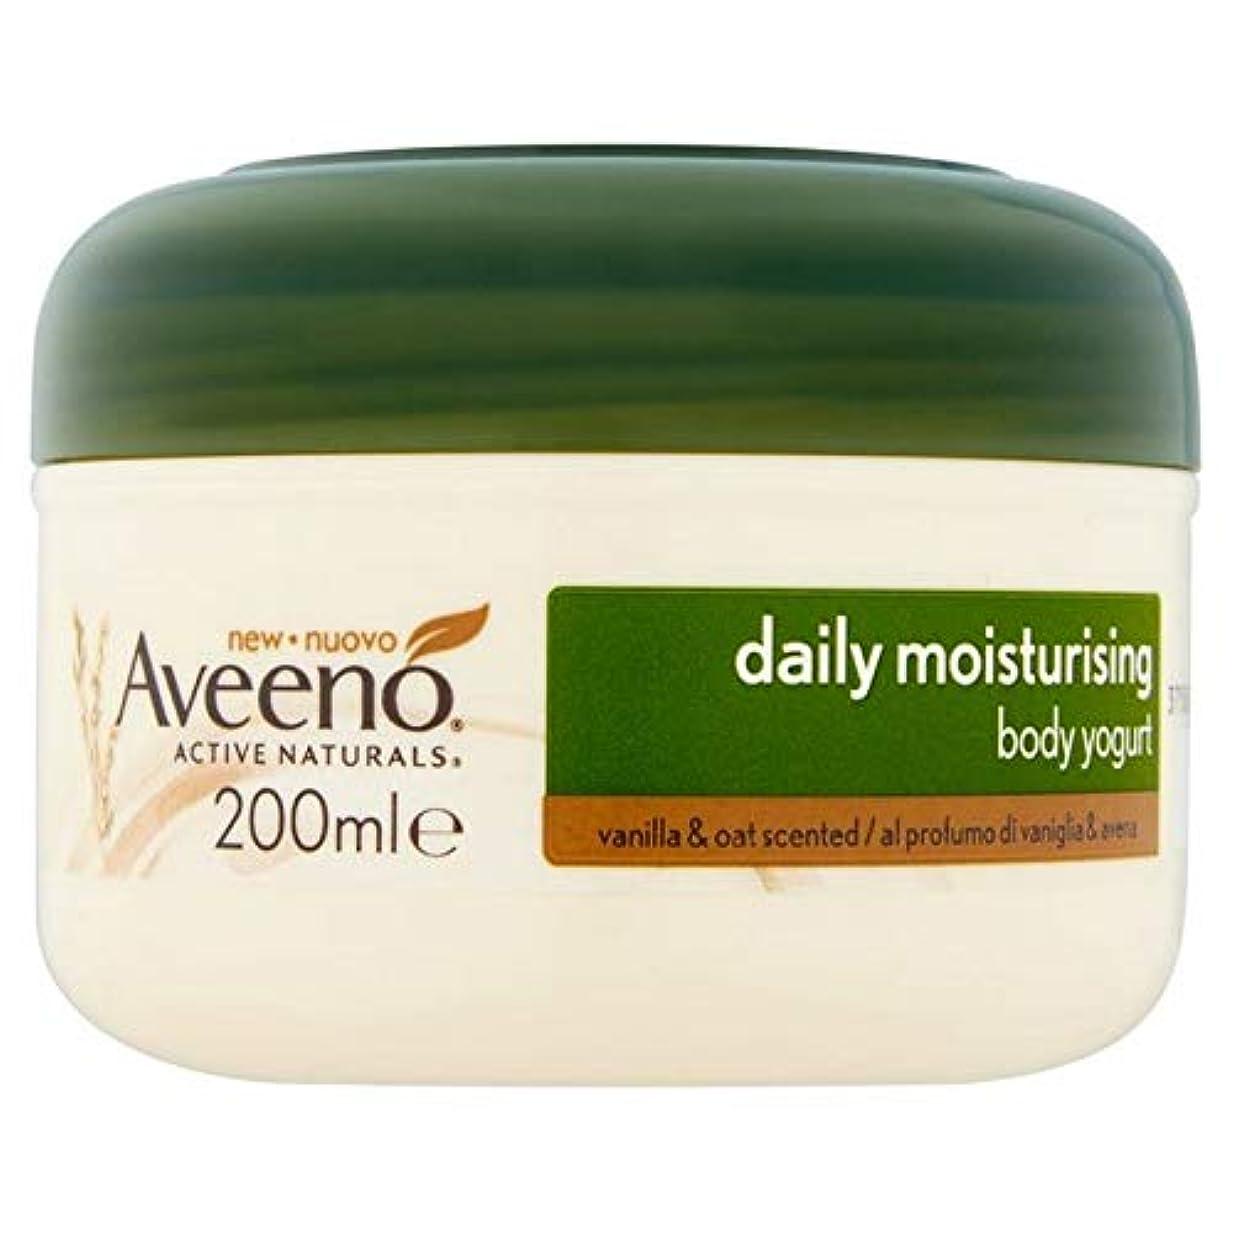 パン元に戻す胆嚢[Aveeno] Aveeno毎日保湿ボディヨーグルトバニラ&オーツの200ミリリットル - Aveeno Daily Moisturising Body Yogurts Vanilla & Oats 200ml [並行輸入品]